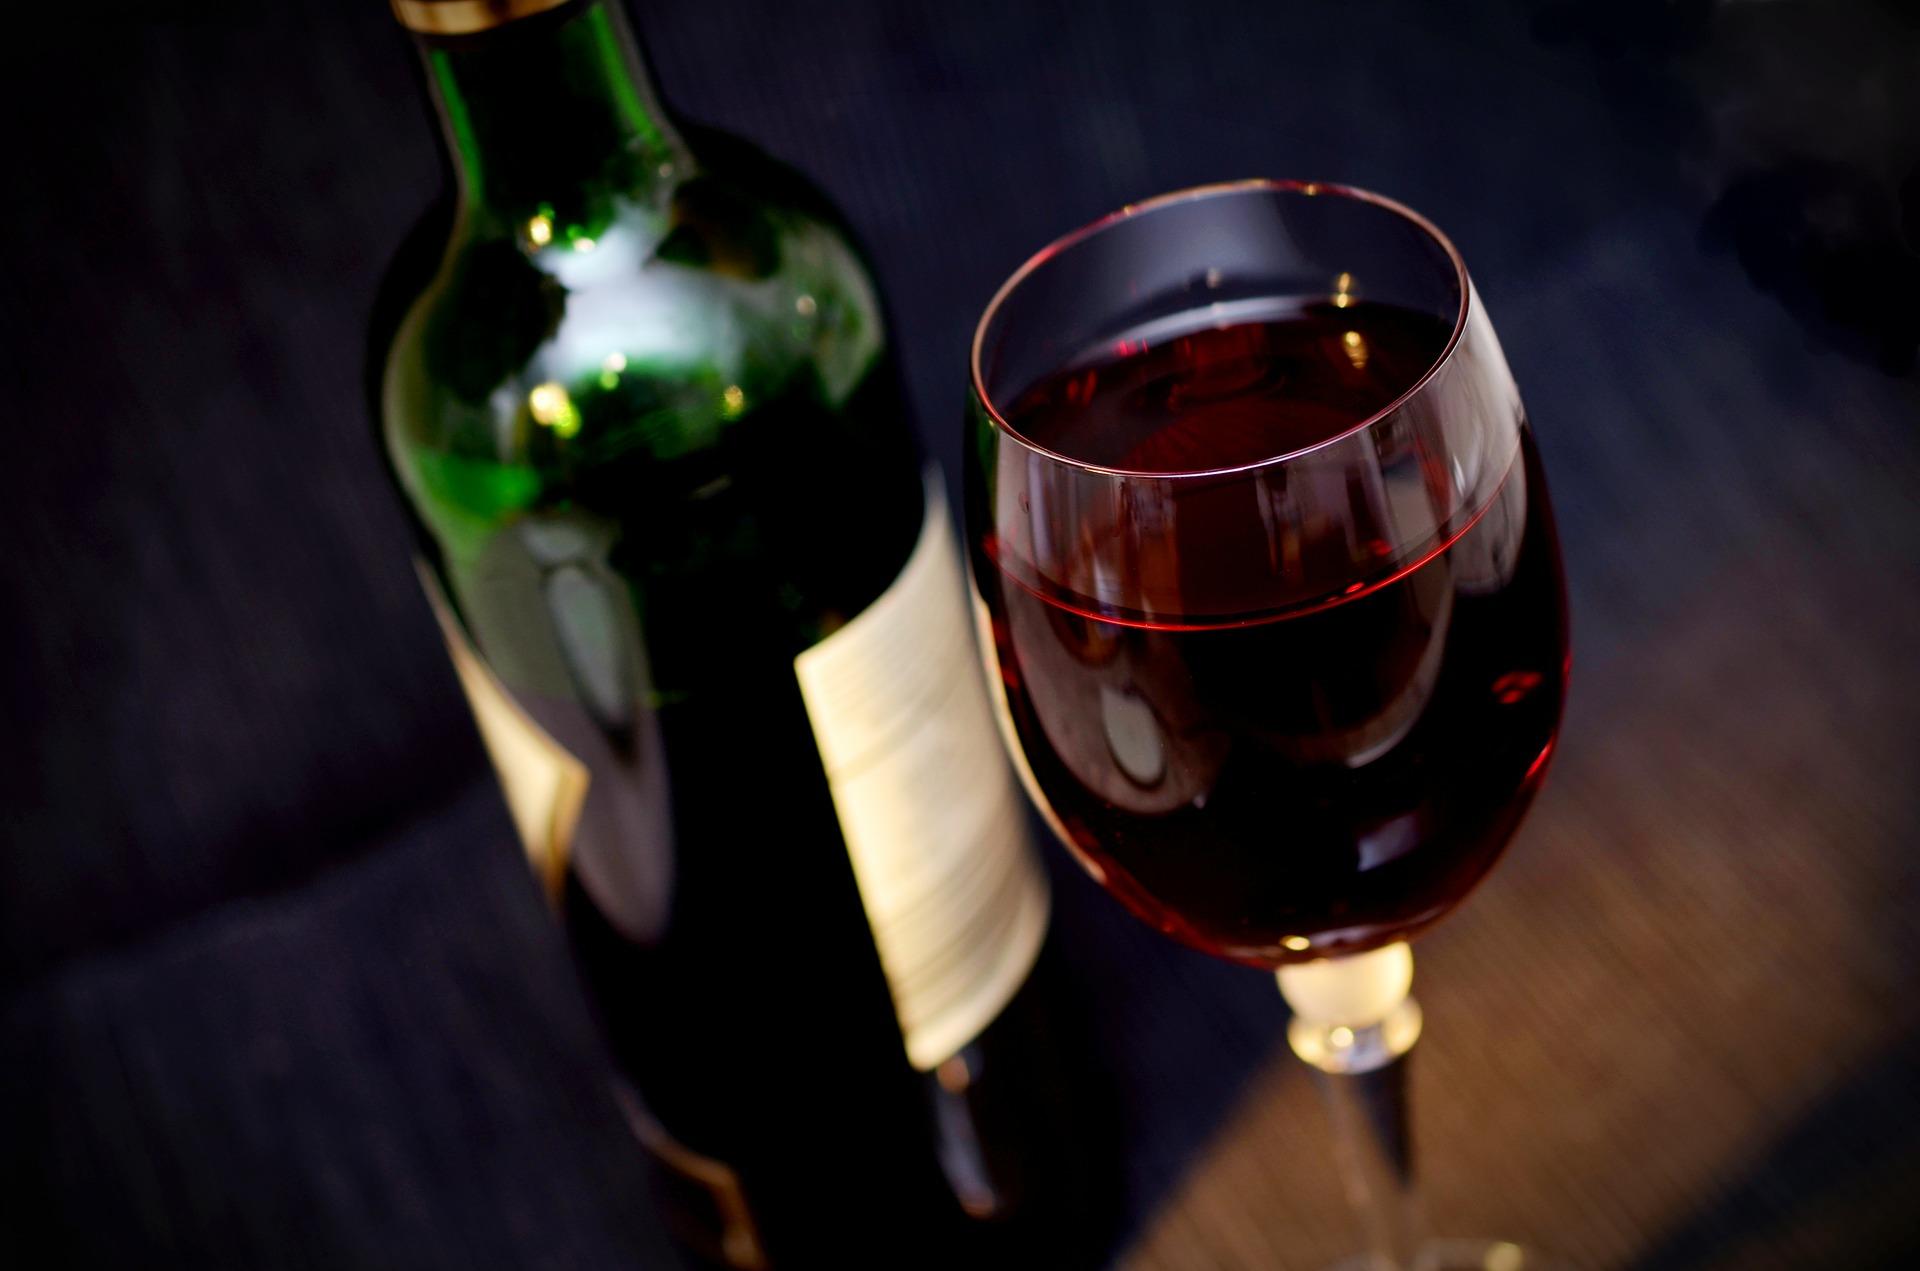 Как установить Wine 4 на Ubuntu 18.04 / Linux Mint 19